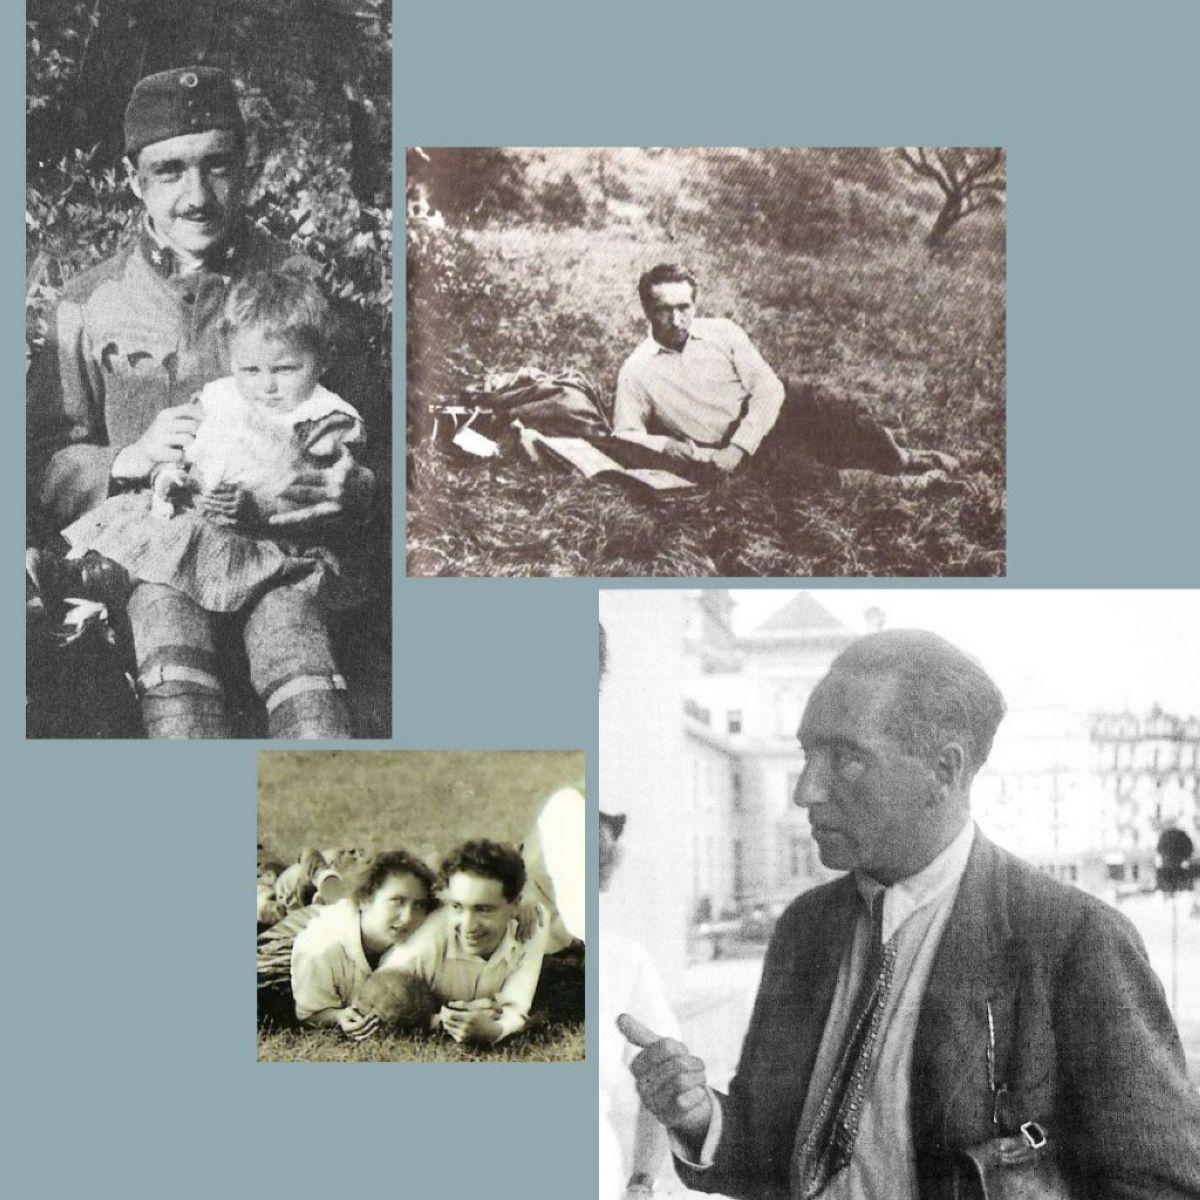 Wilhelm-Reich-6